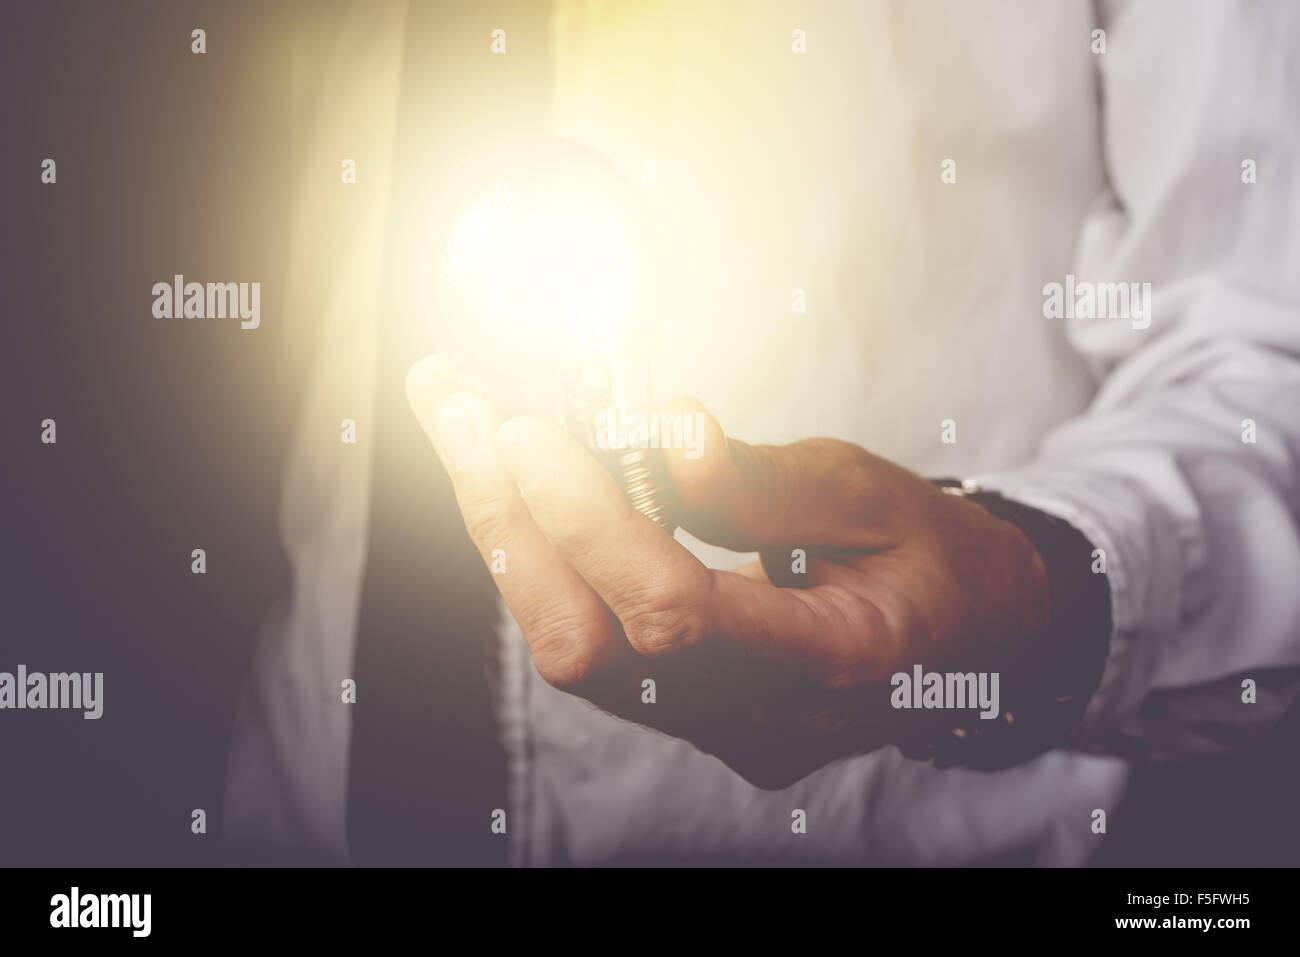 Idee und Vision, Geschäftsmann Betrieb Glühbirne, Geschäftskonzept, neue Ideen, Innovation, Erfindung Stockbild